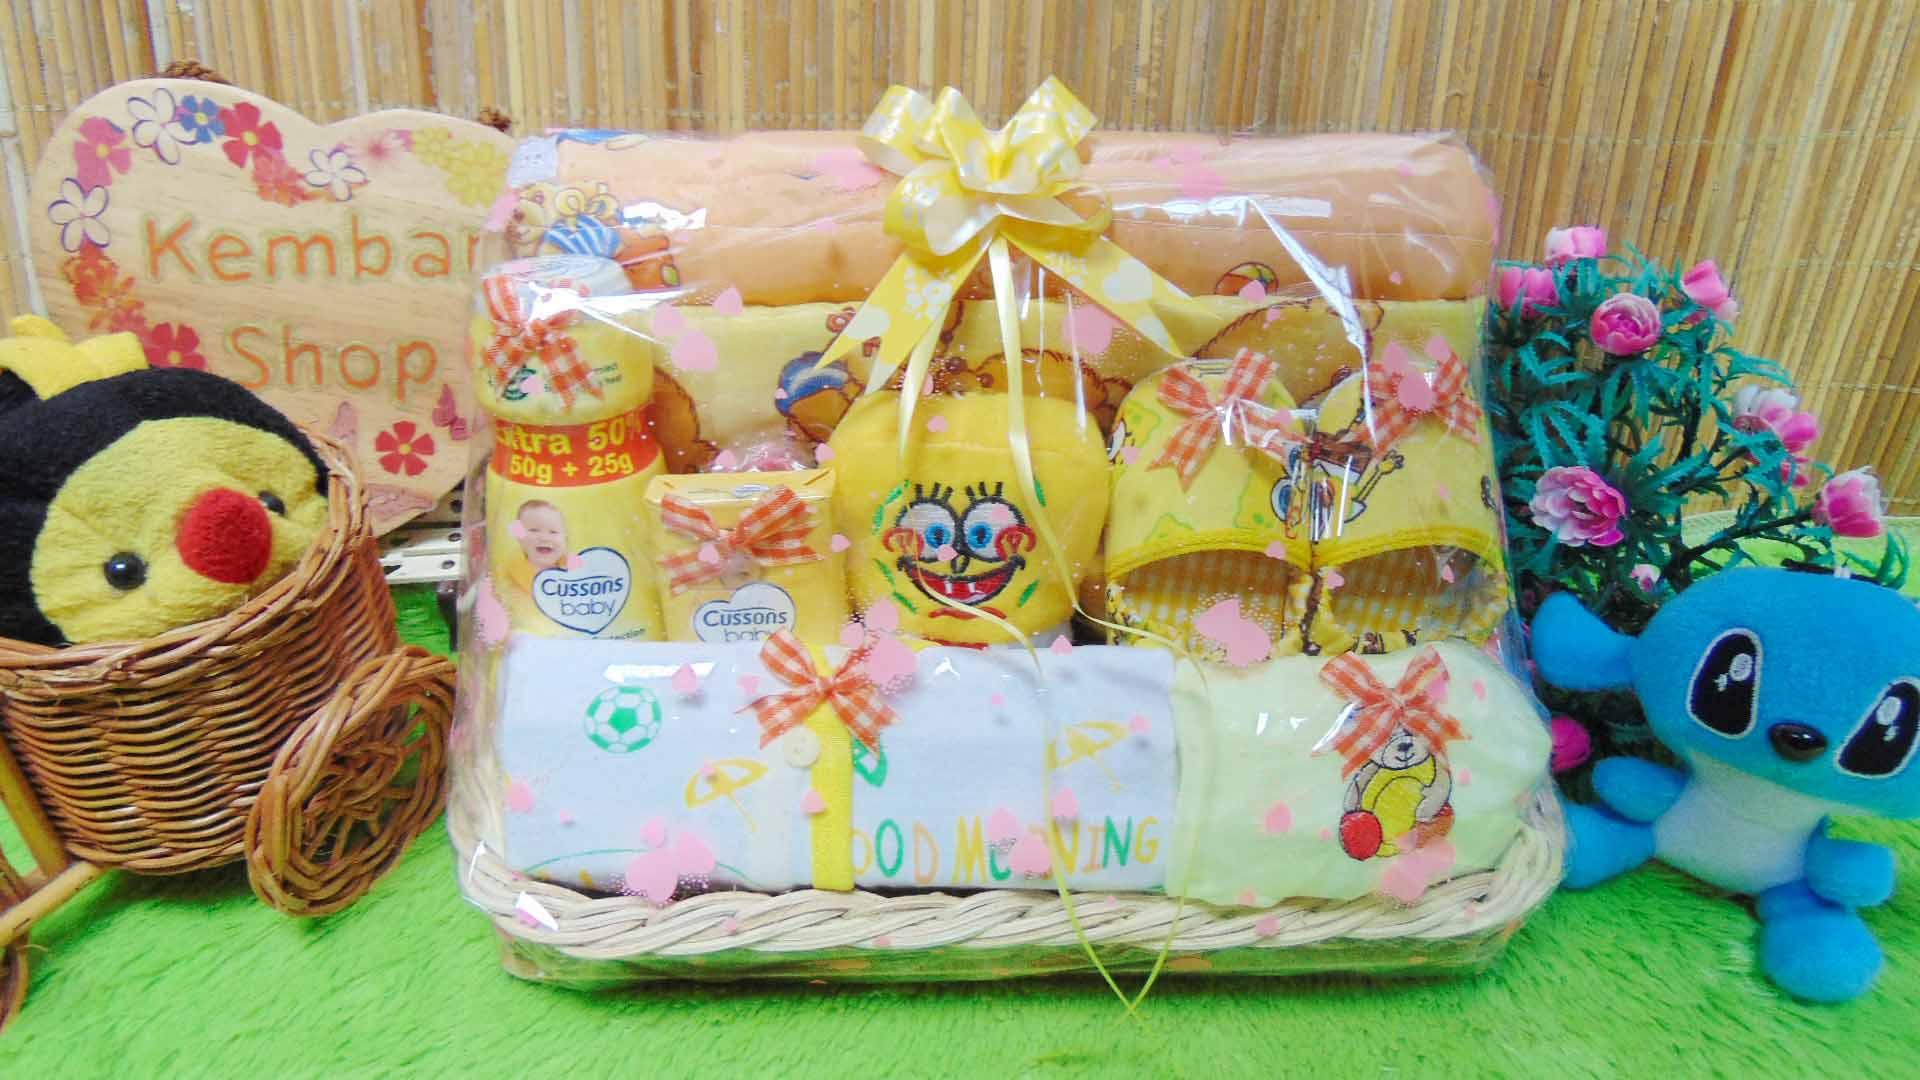 TERLARIS paket kado bayi baby gift parcel bayi parcel kado bayi kado lahiran gendongan prewalker komplit ANEKA WARNA (2)